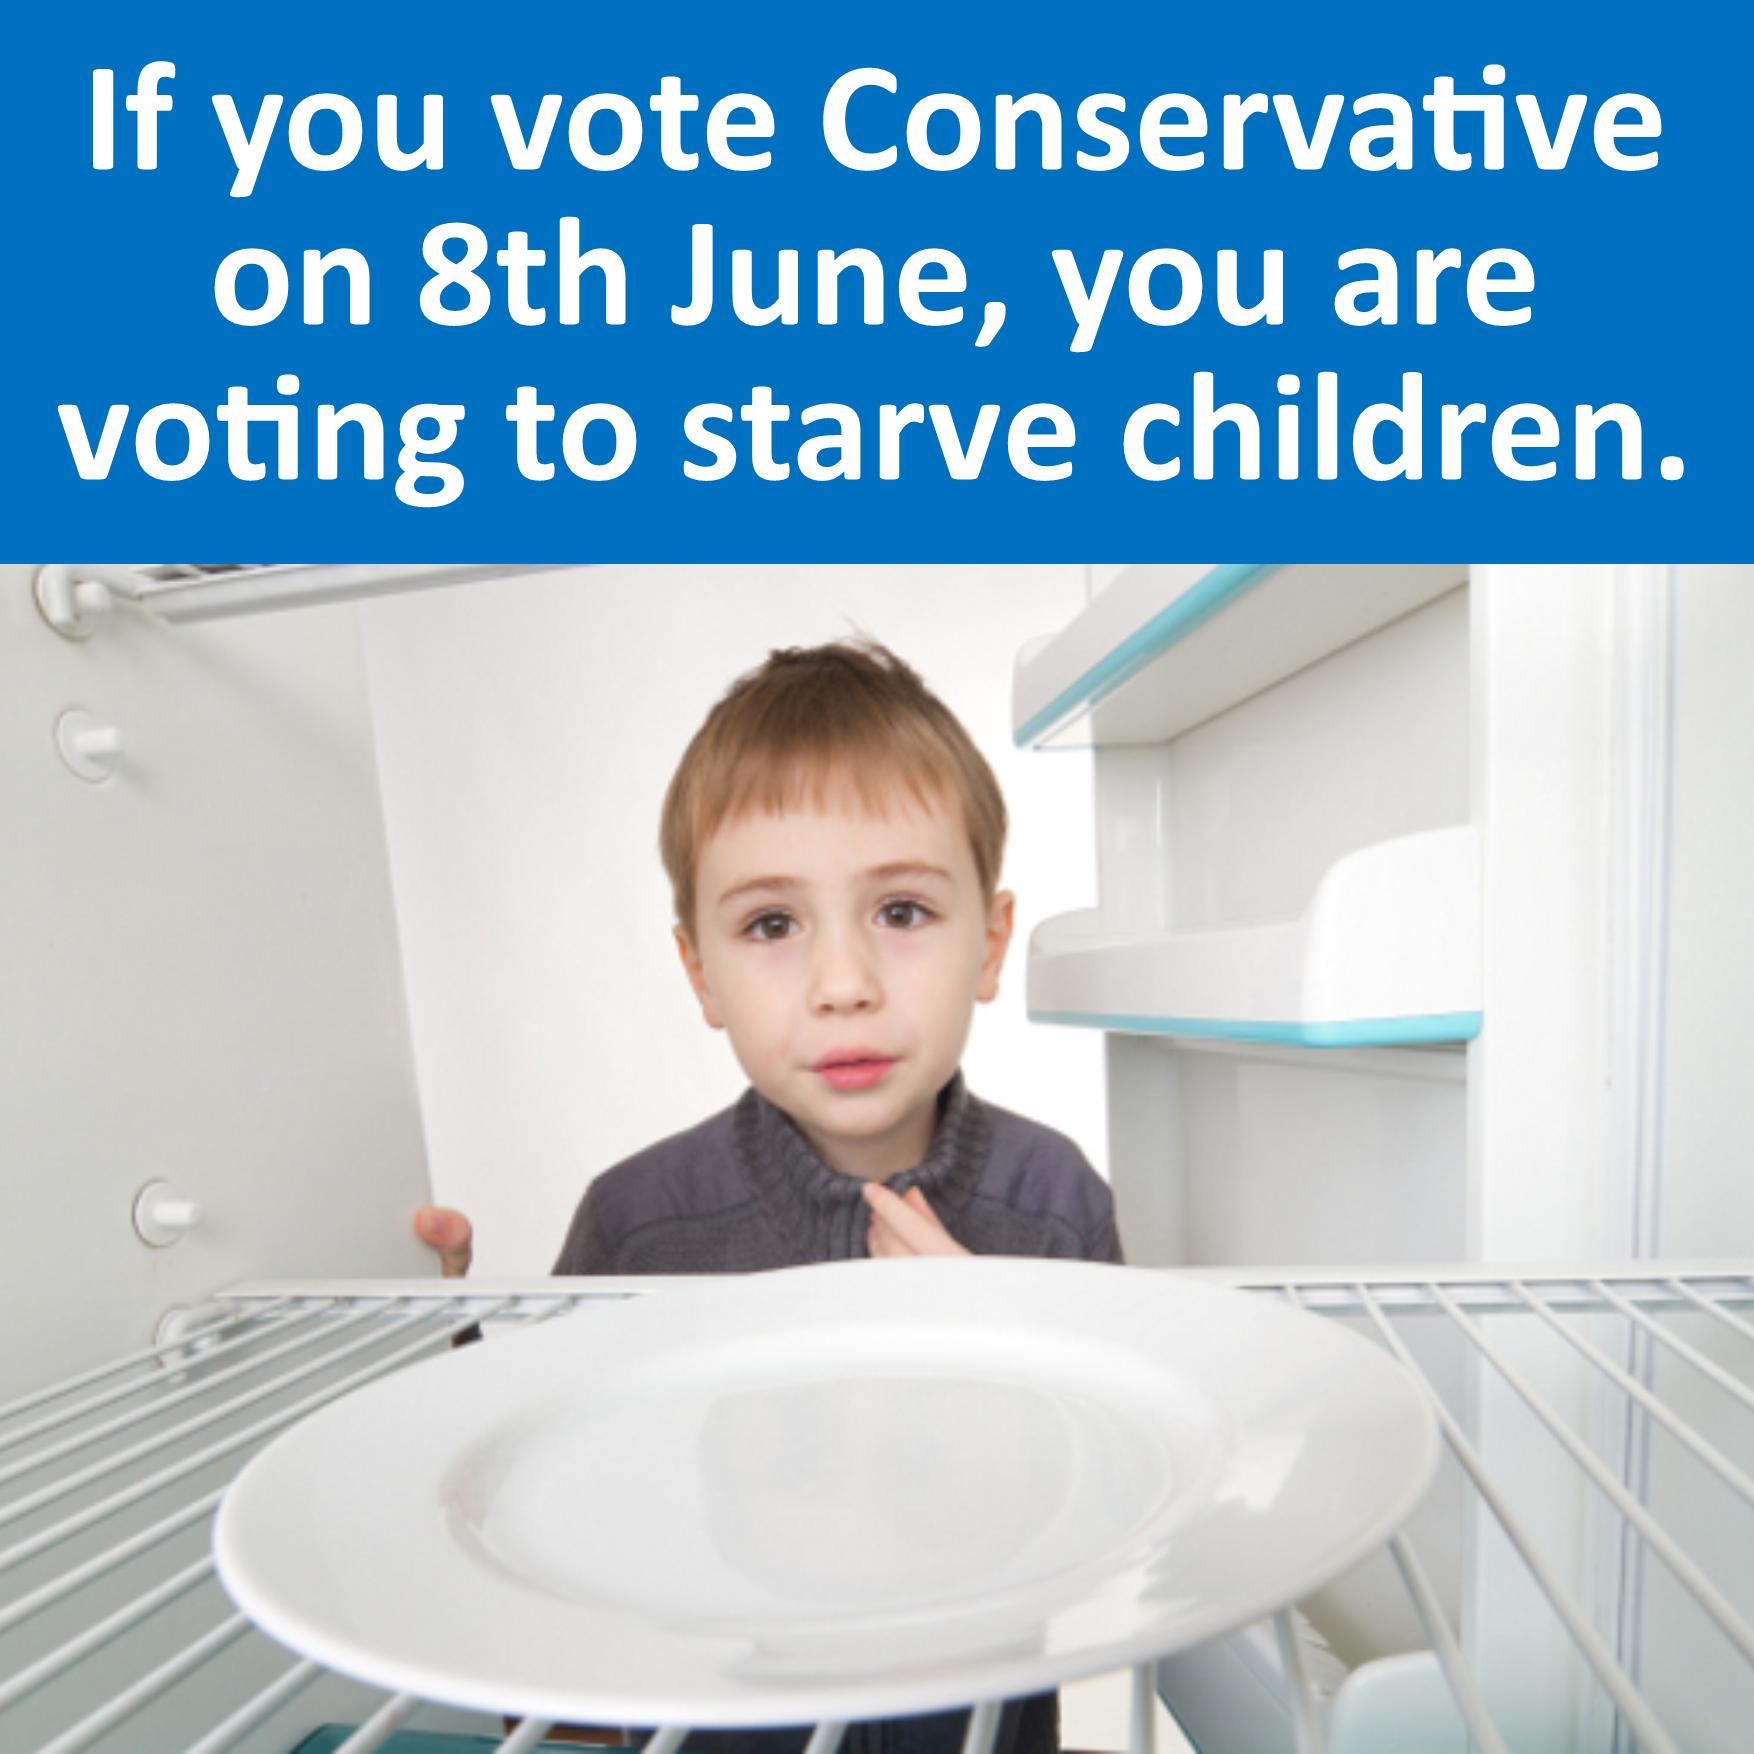 Starve_children_v2.png